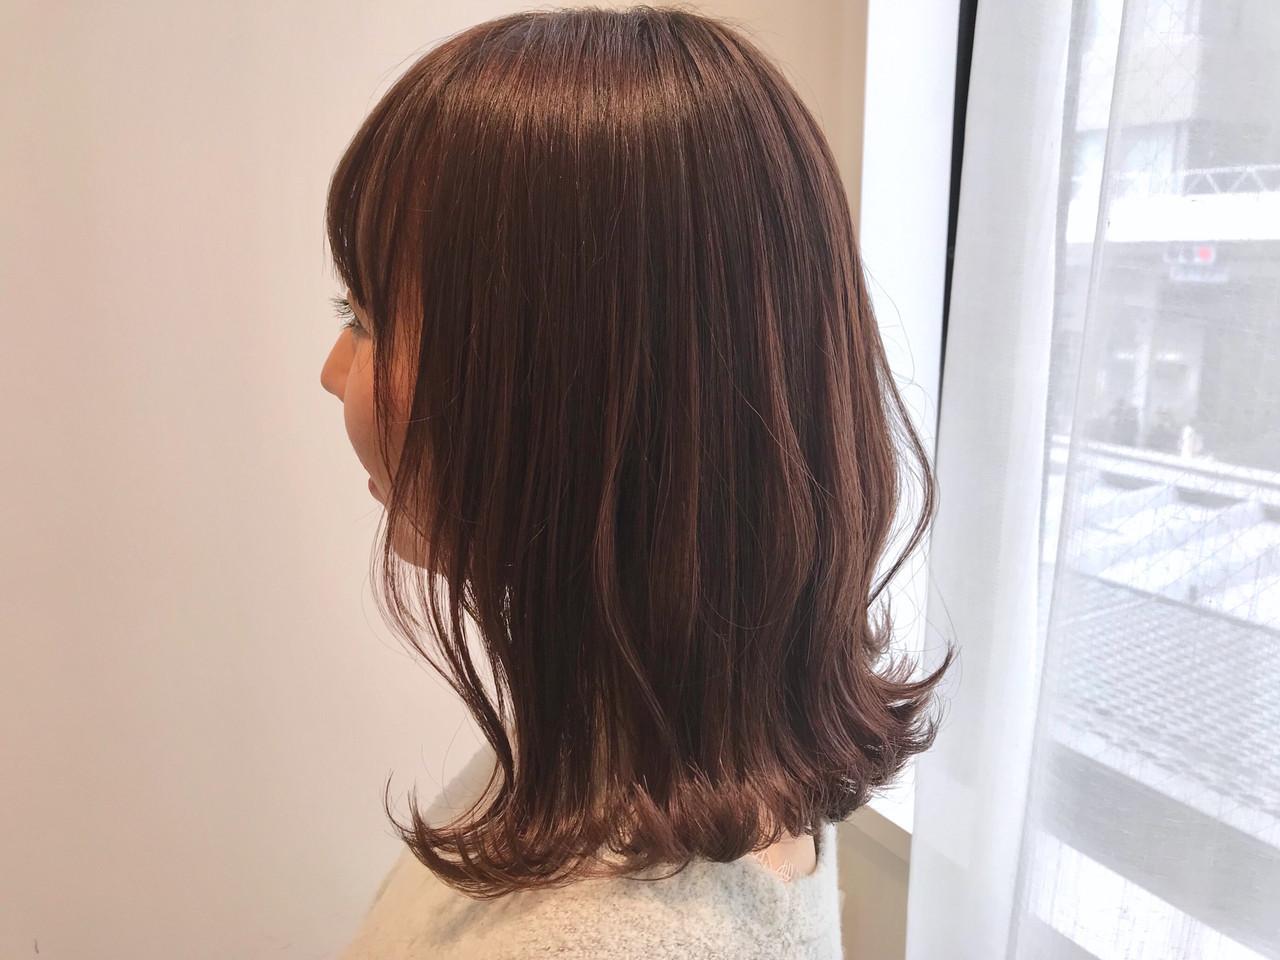 透明感カラー ピンクベージュ アンニュイほつれヘア ナチュラル ヘアスタイルや髪型の写真・画像